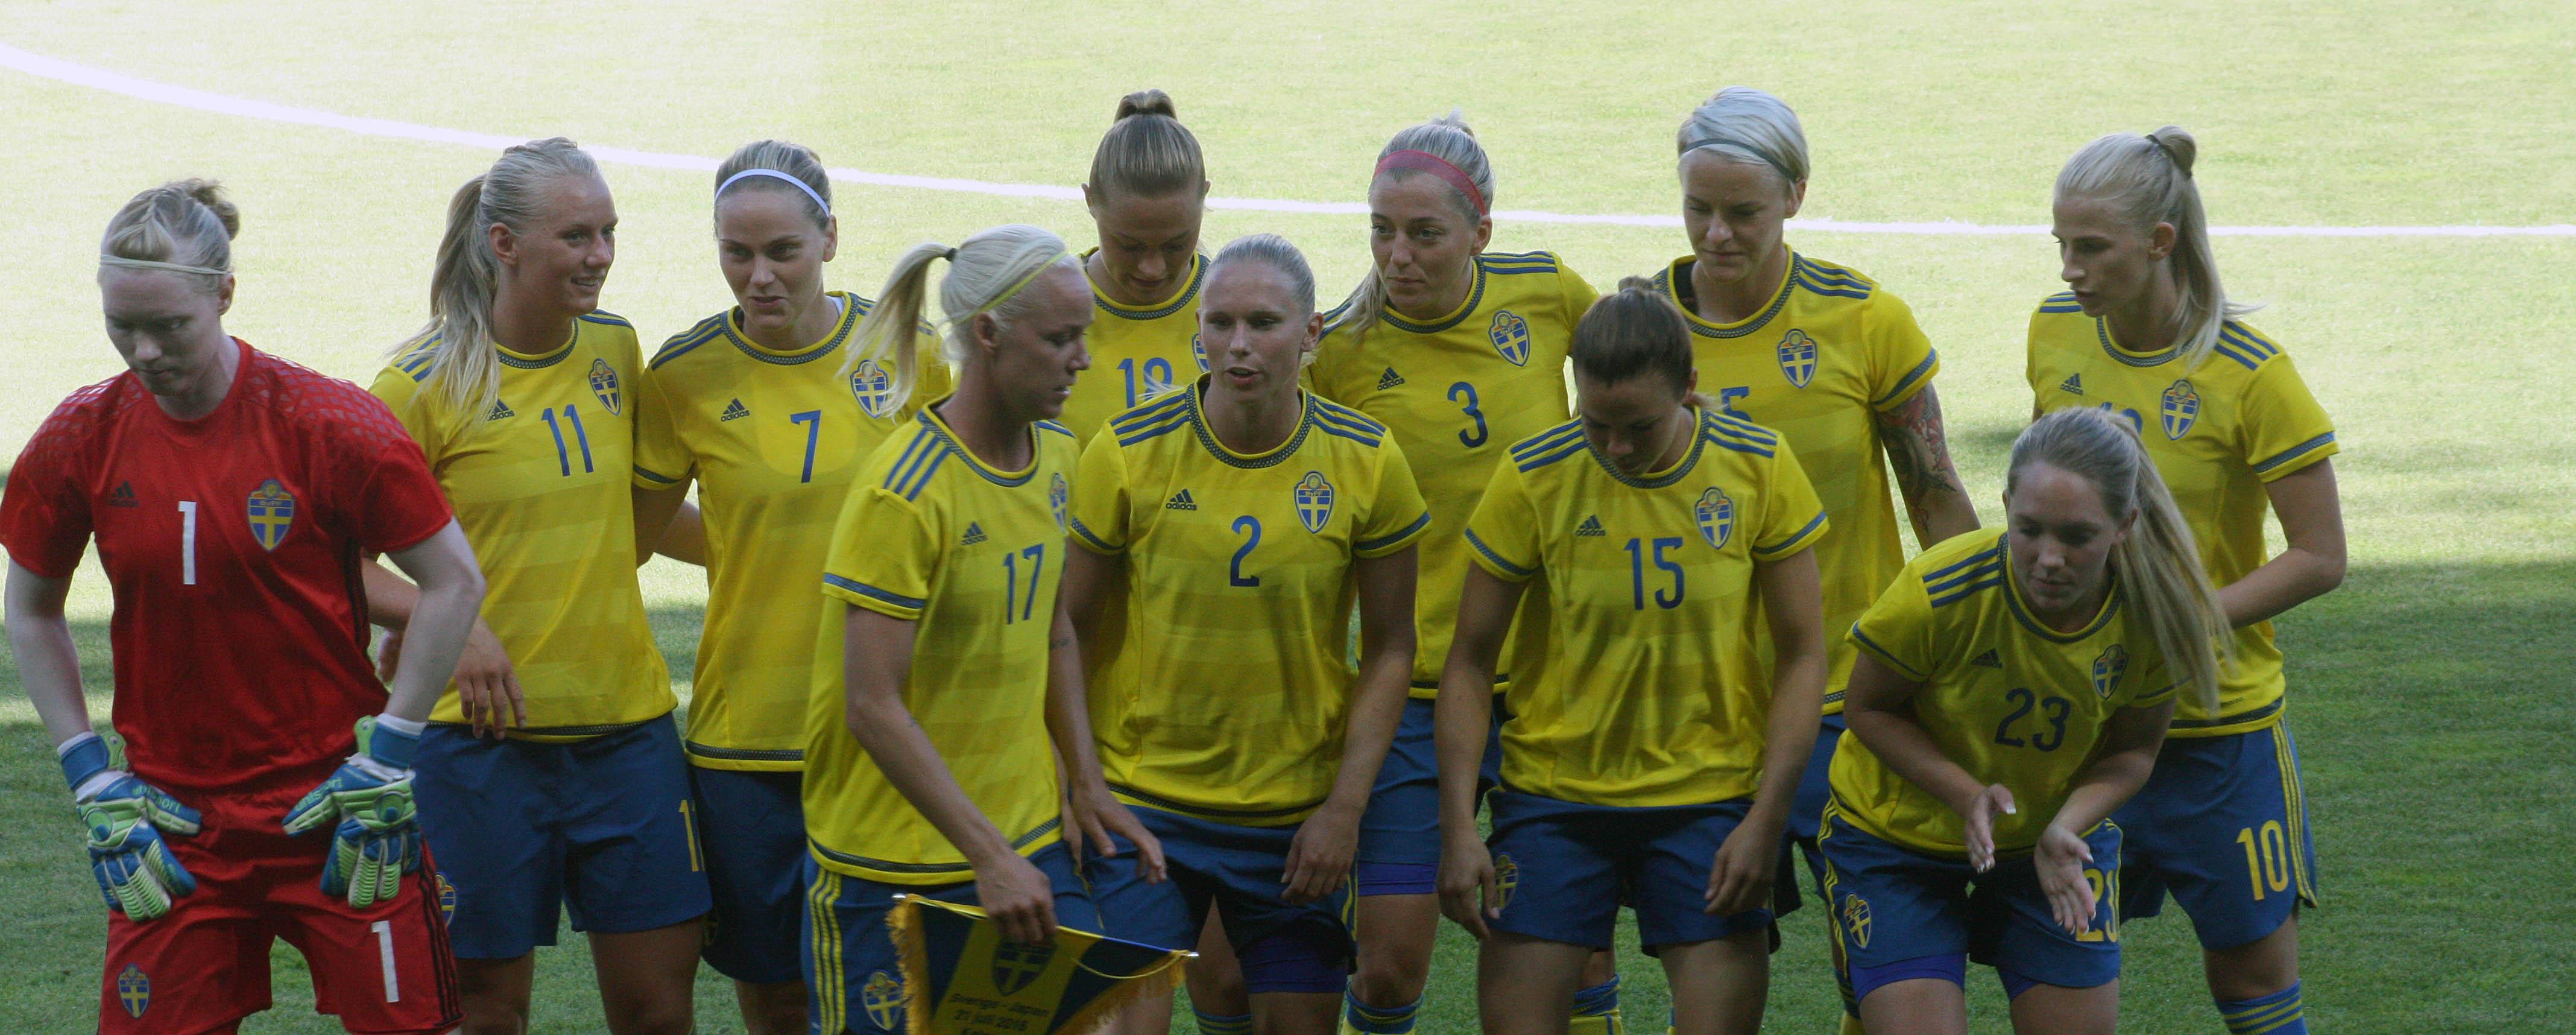 Rumi Utsugi En blogg om internationell damfotboll    Bilder på Sverige och Japan   title=          En blogg om internationell